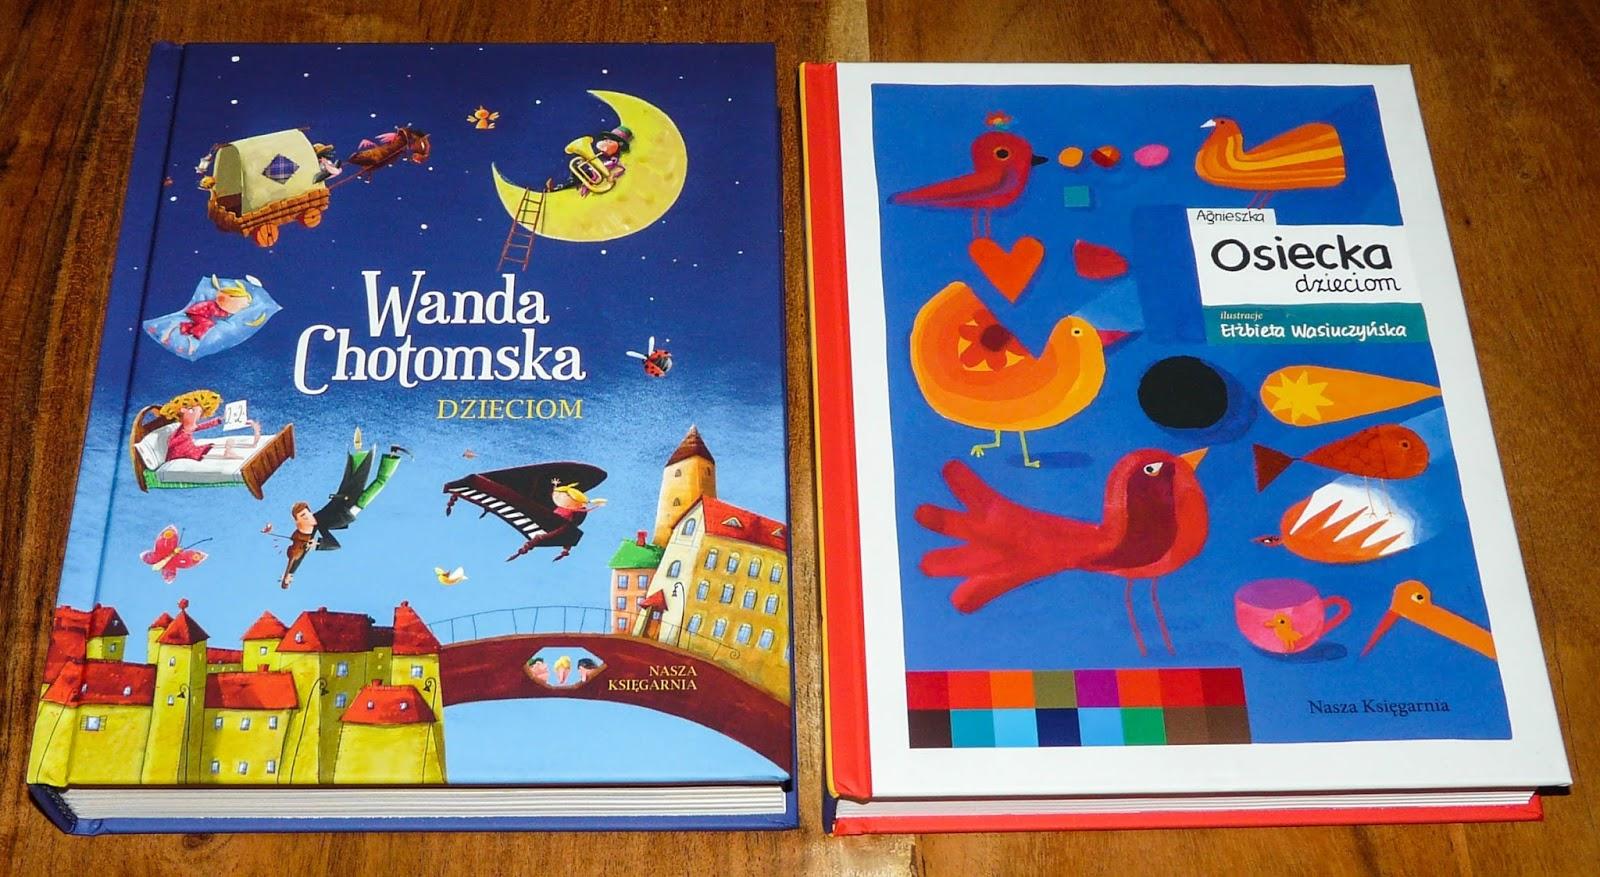 najlepsze wiersze dla dzieci, klasyczne opowiadania dla dzieci, Chotomska, Osiecka